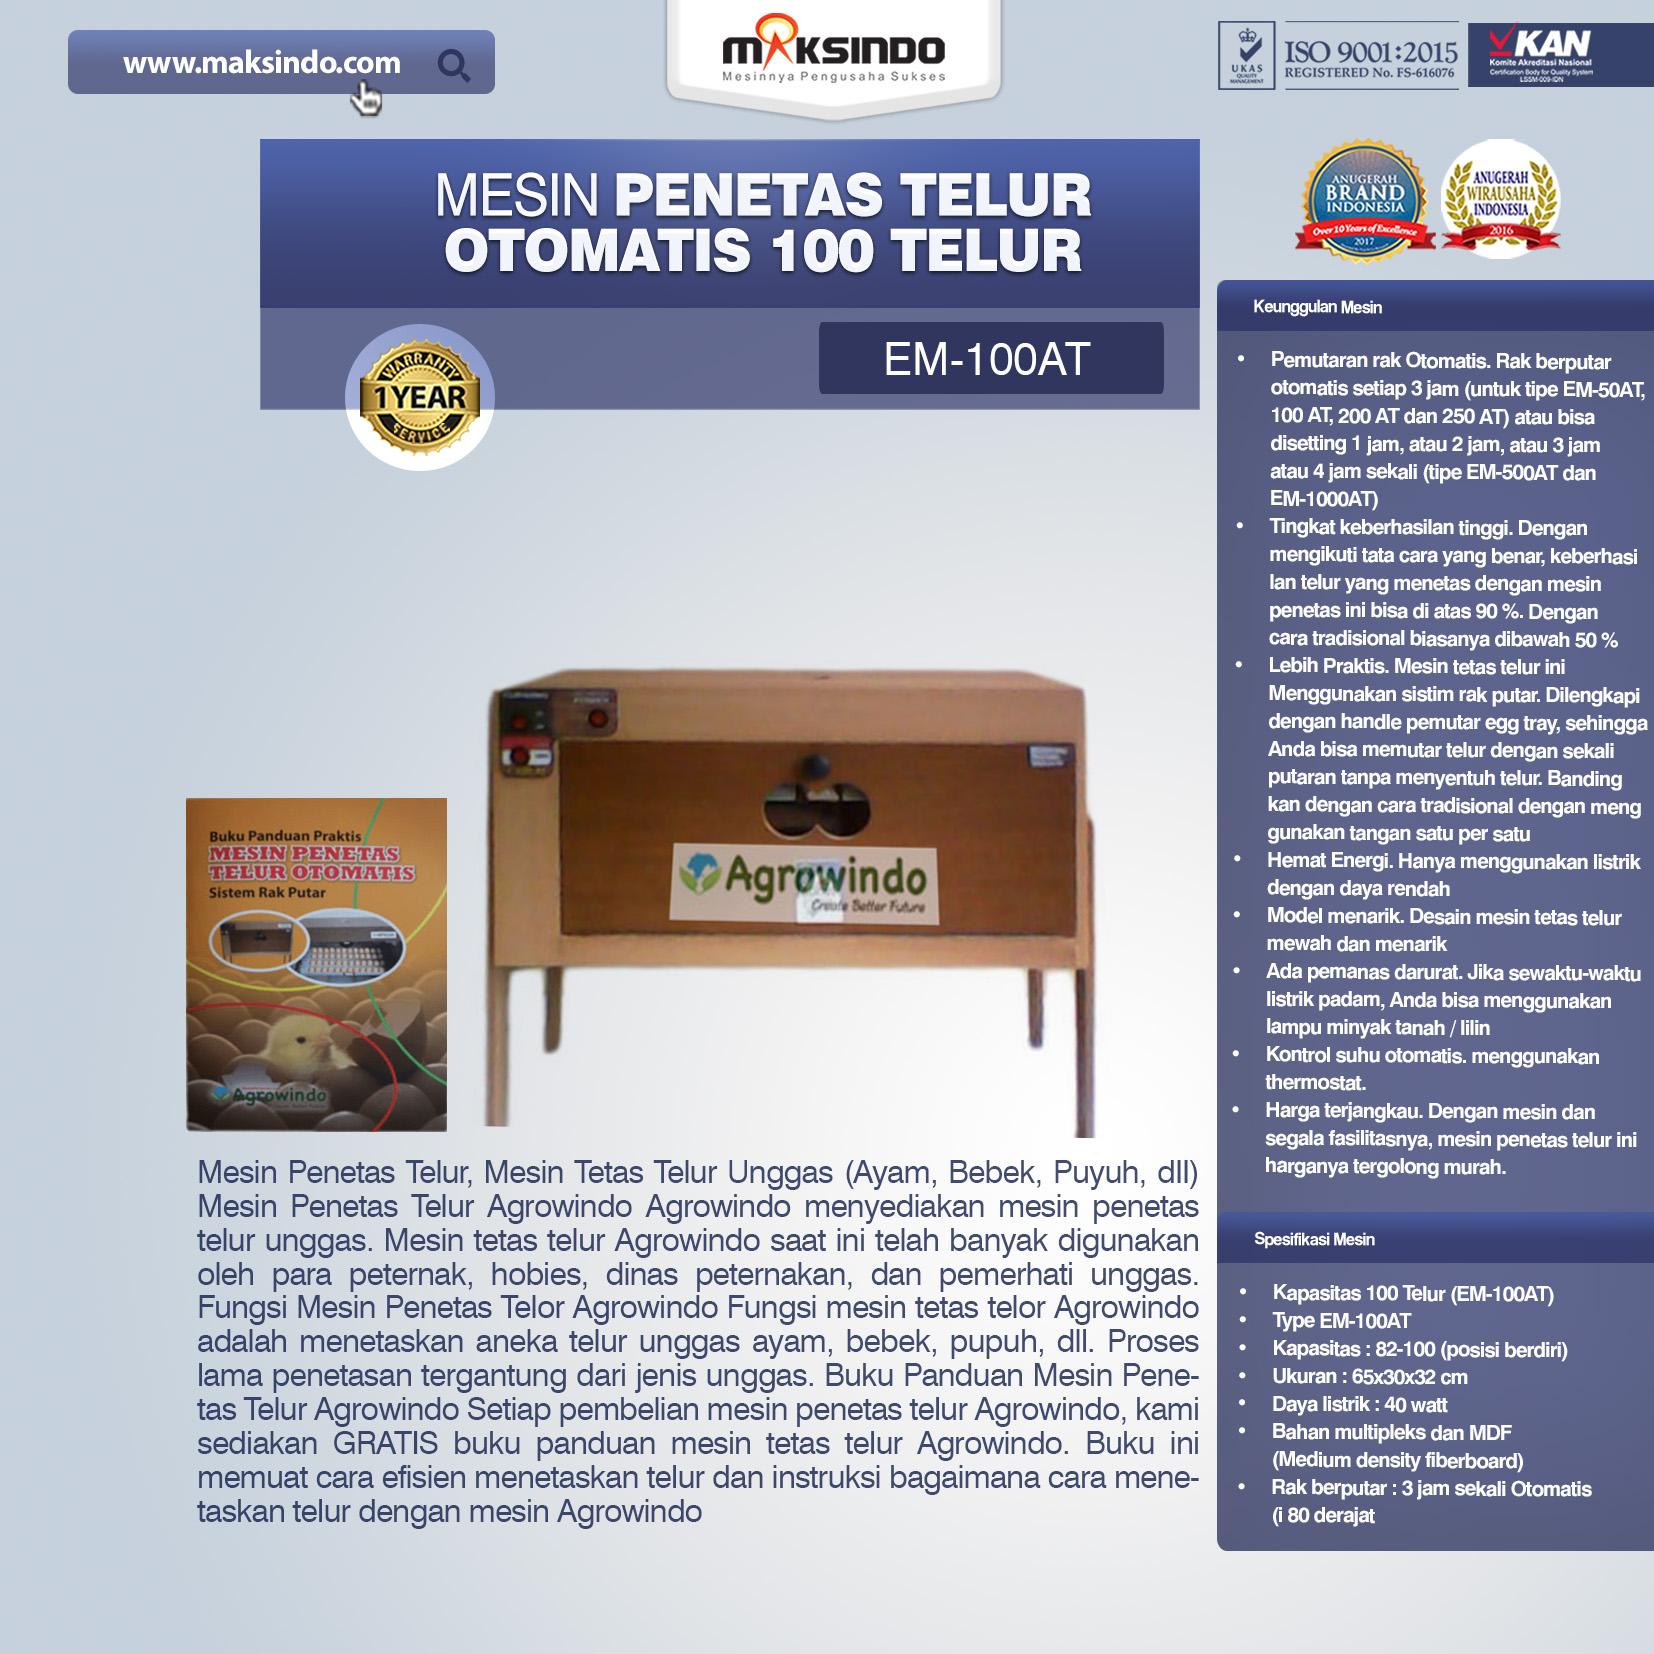 Jual Mesin Penetas Telur Otomatis 100 Telur (EM-100AT) di Bogor